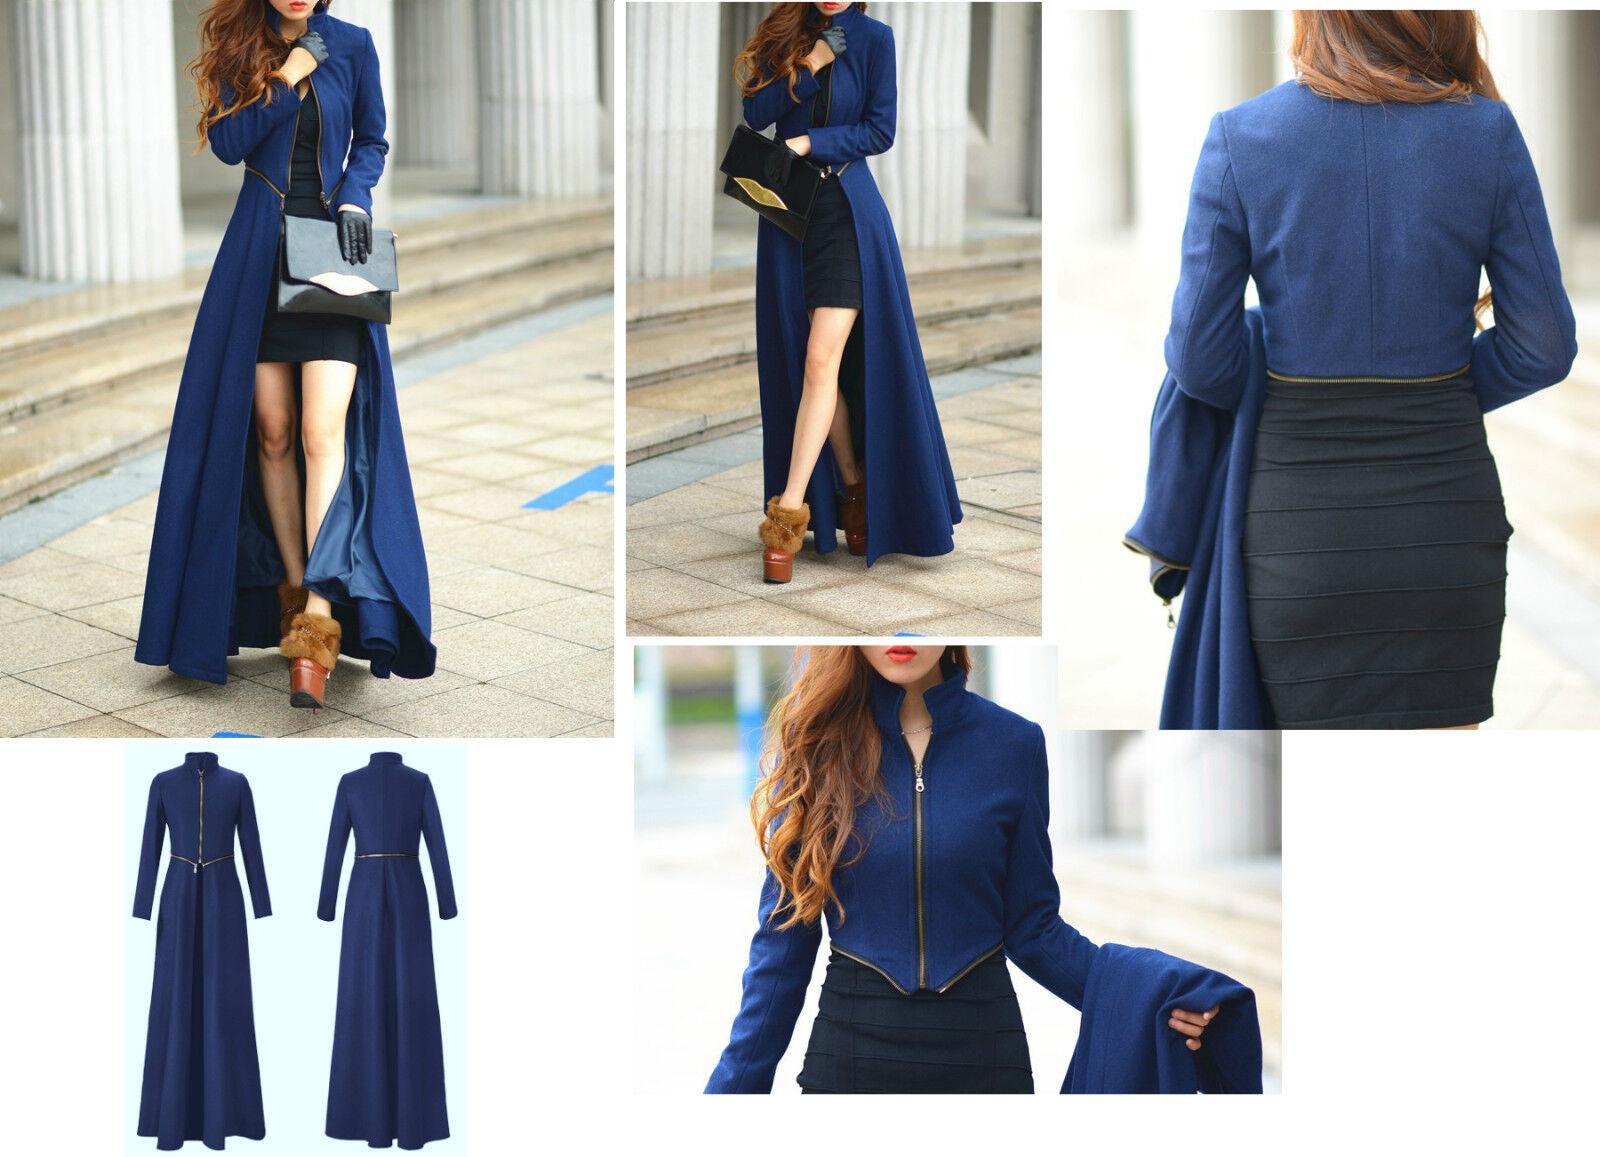 Dettagli su Cappotto Lungo o Giacca Corta Donna Woman Long Coat or Short Jacket 0502001 P